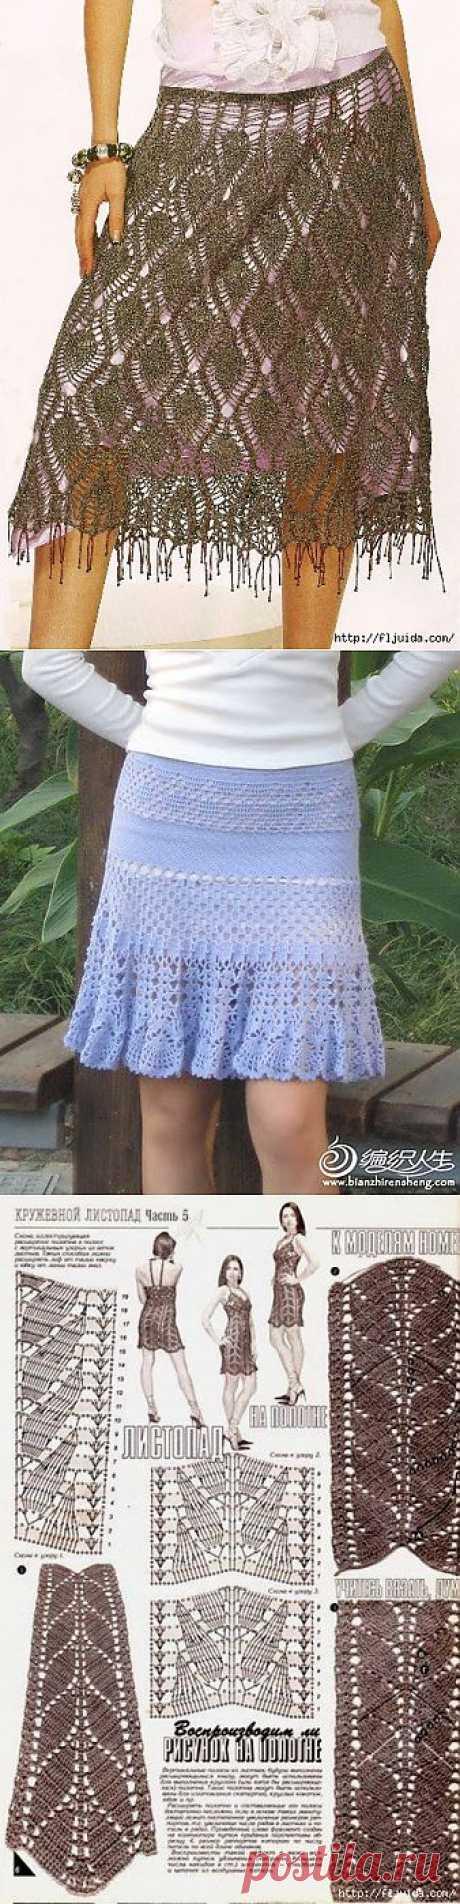 5 часть. Вяжем крючком стильные юбки..